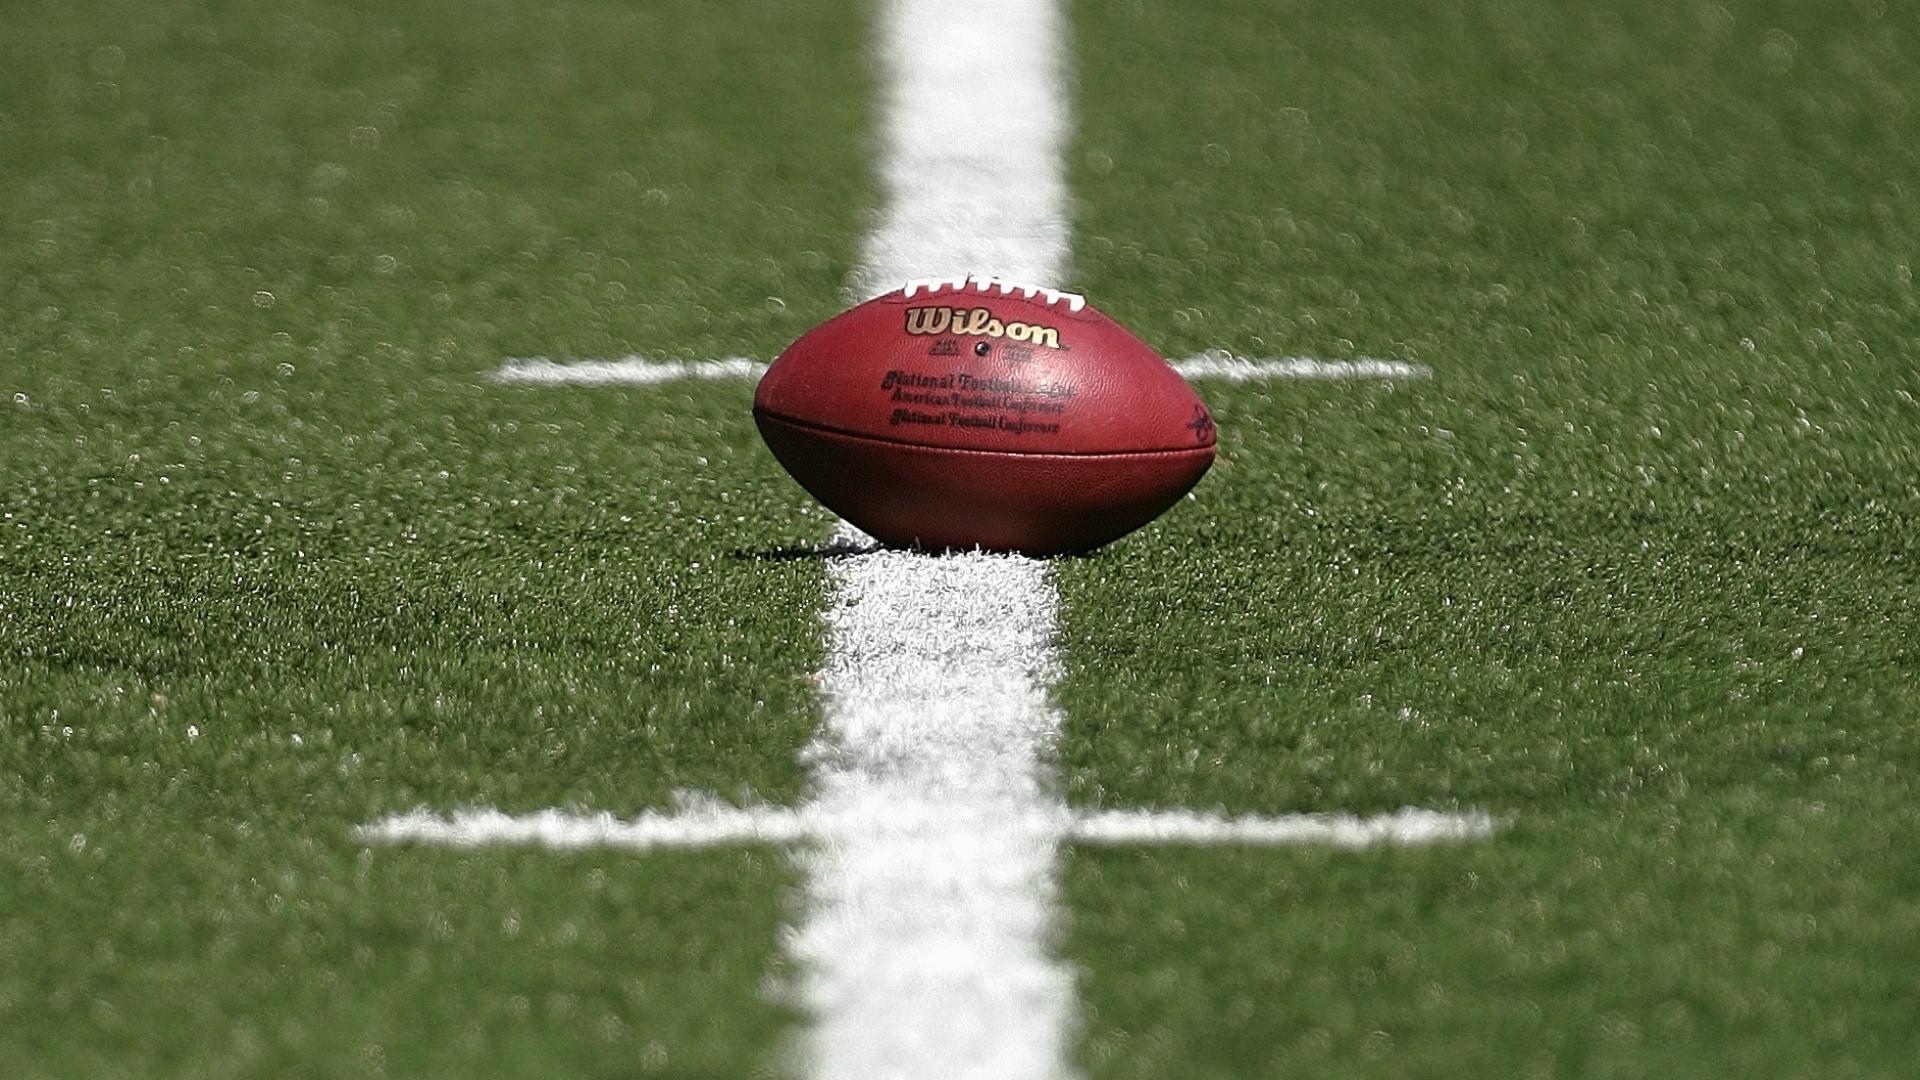 Football-4617-usnews-getty-ftr_n1q1d3rrn9g81p8ad4wf918jb